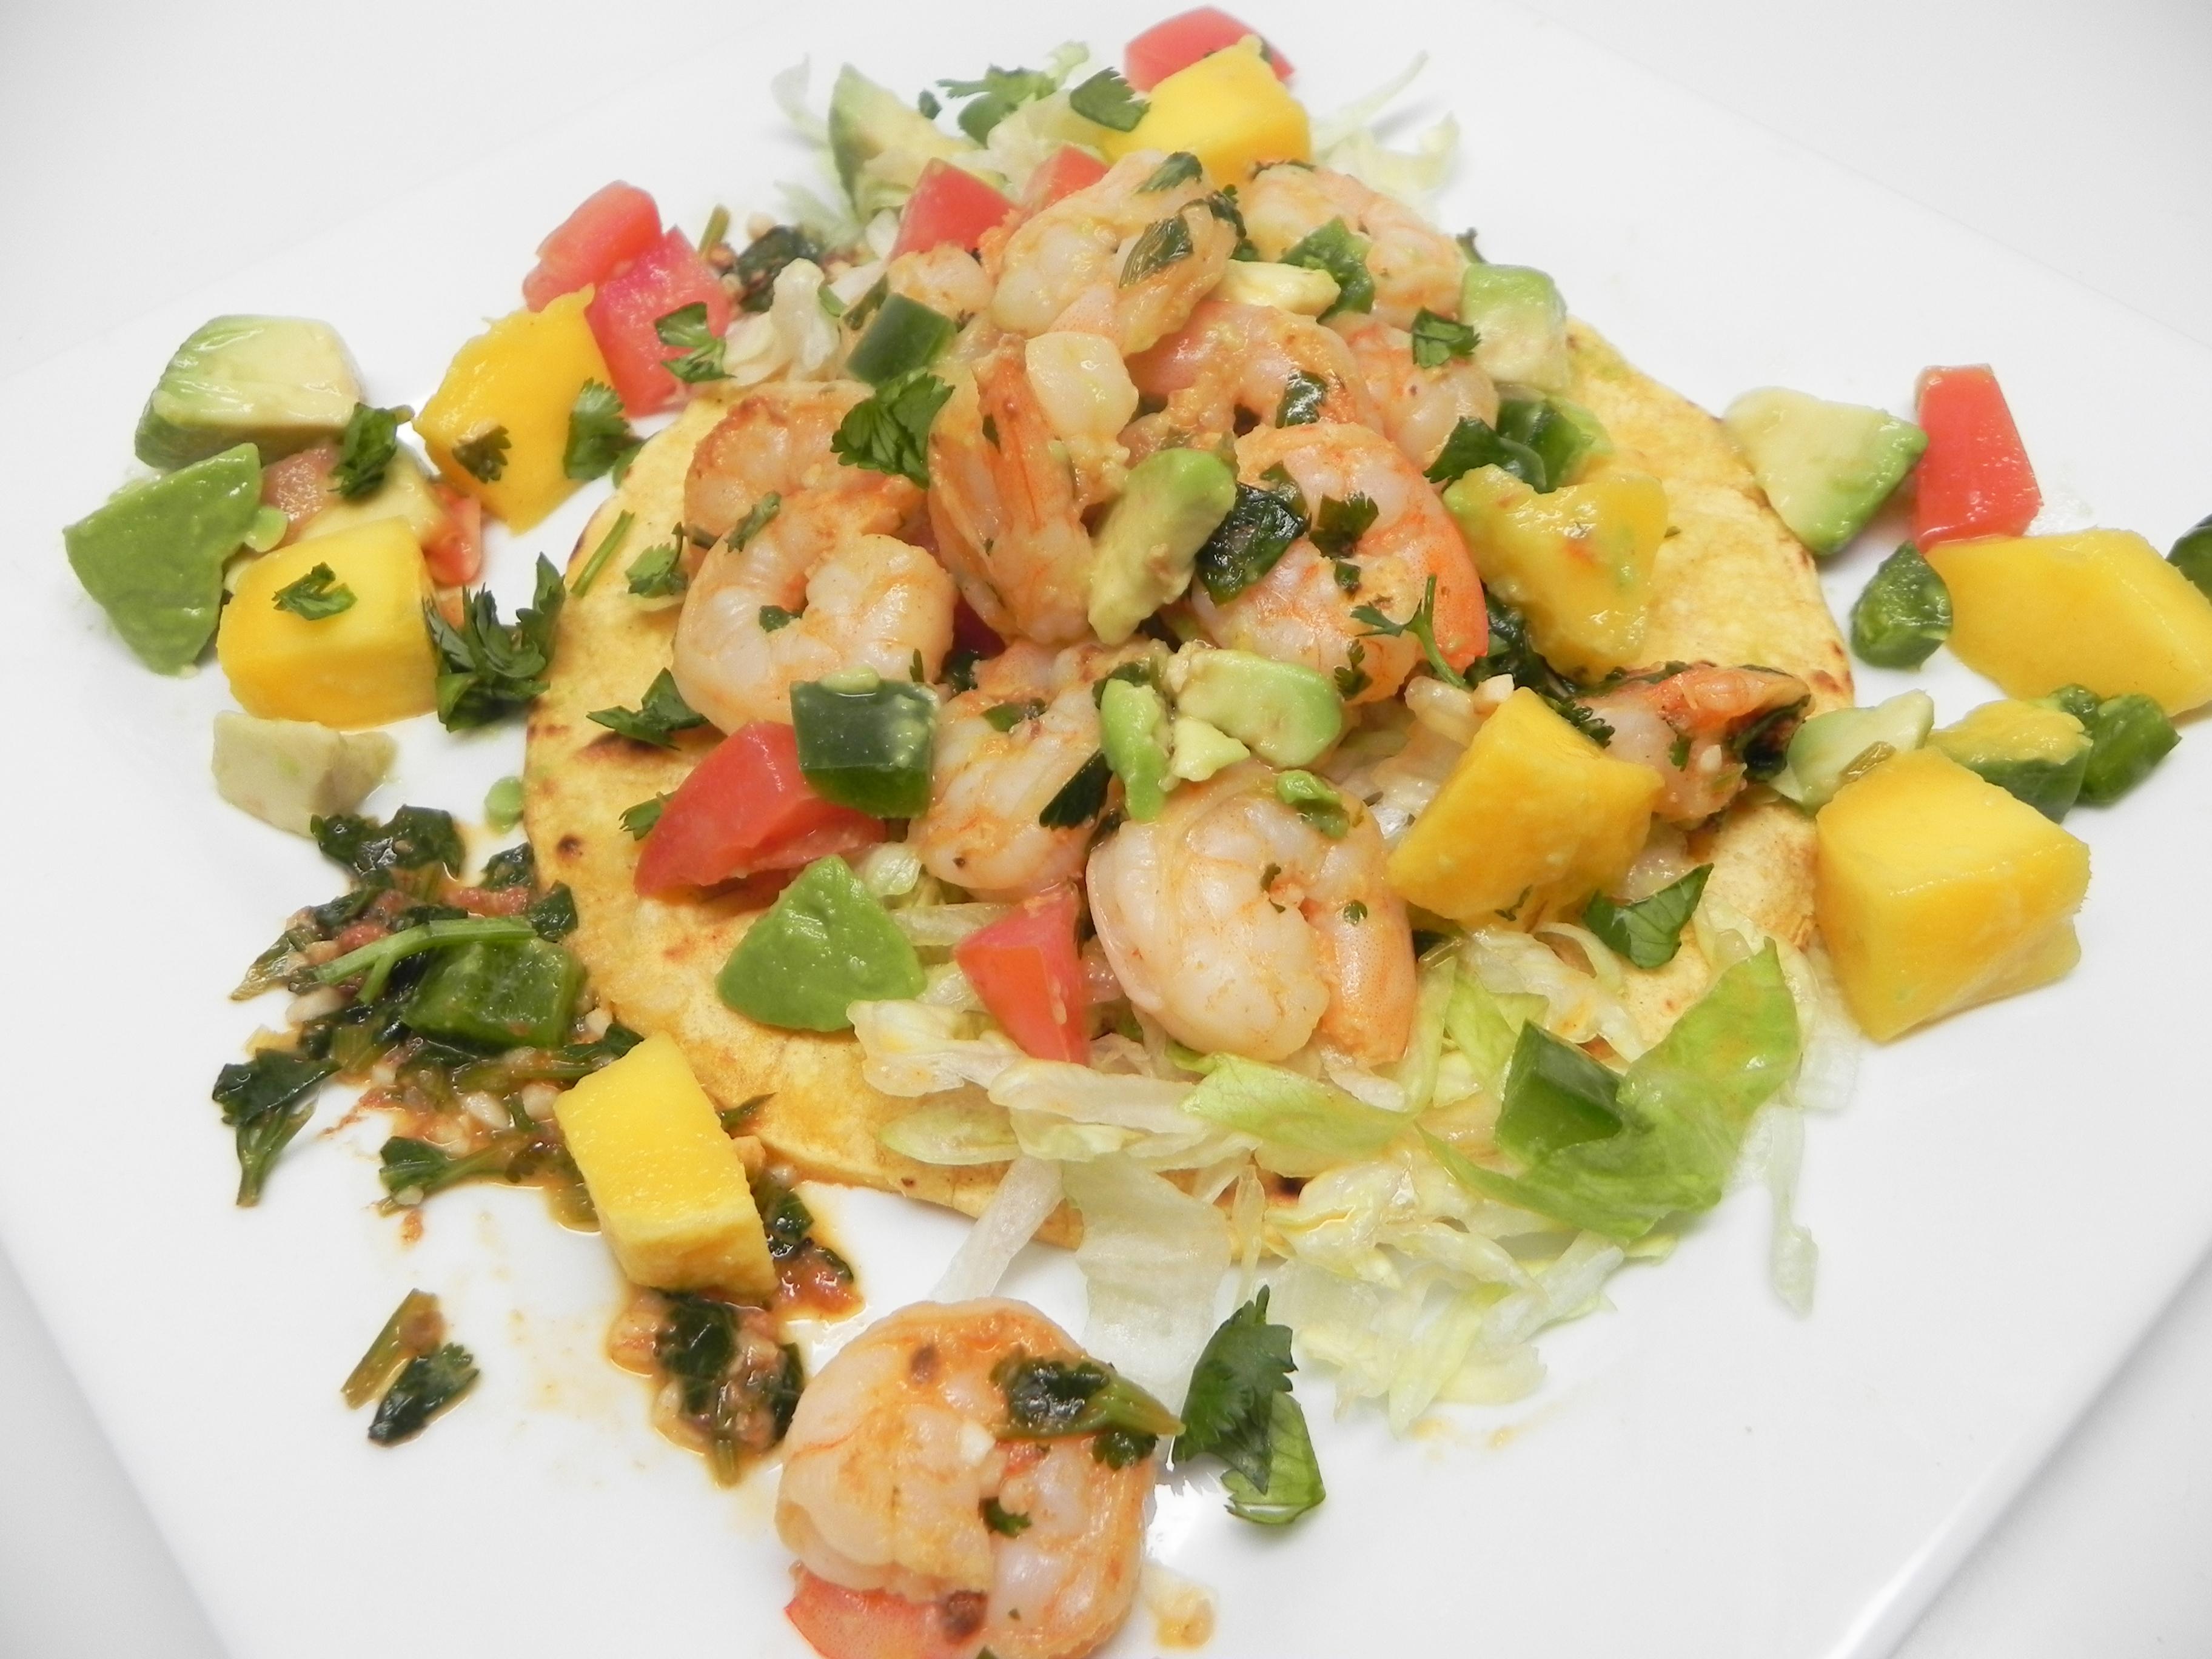 Lime Shrimp Tacos with Mango Salsa